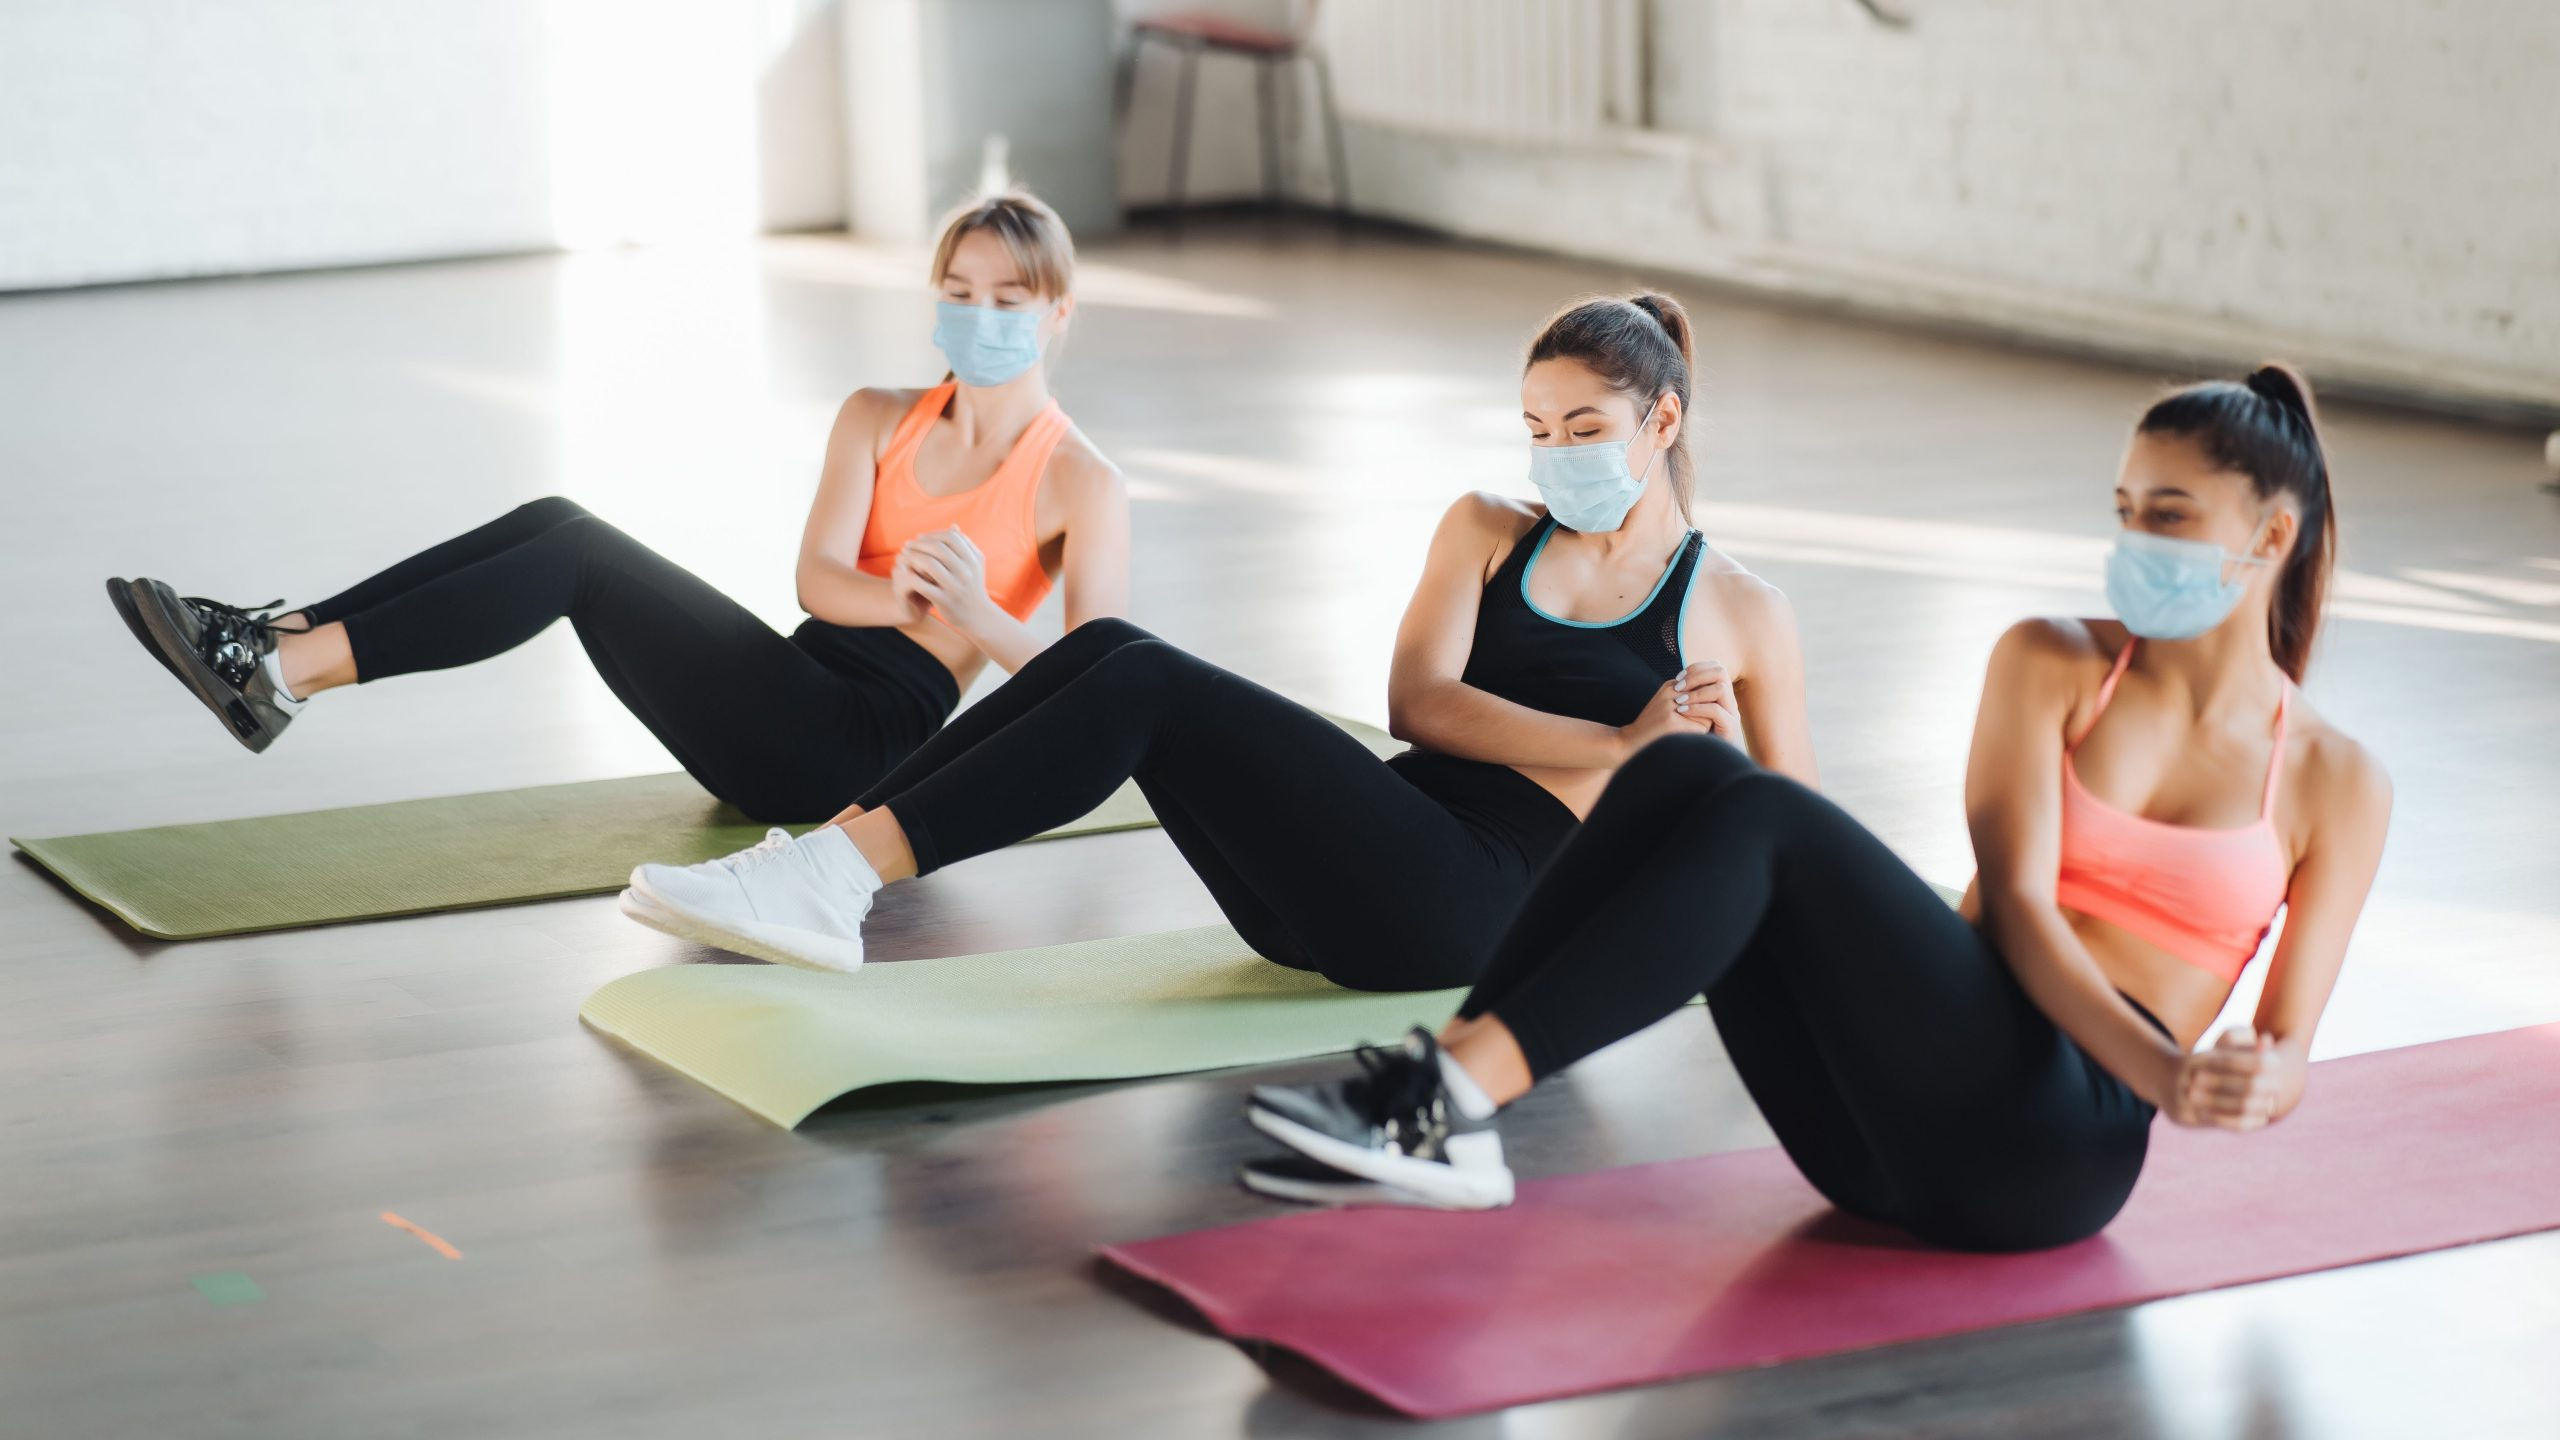 entrenamiento en gimnasios con mascarilla